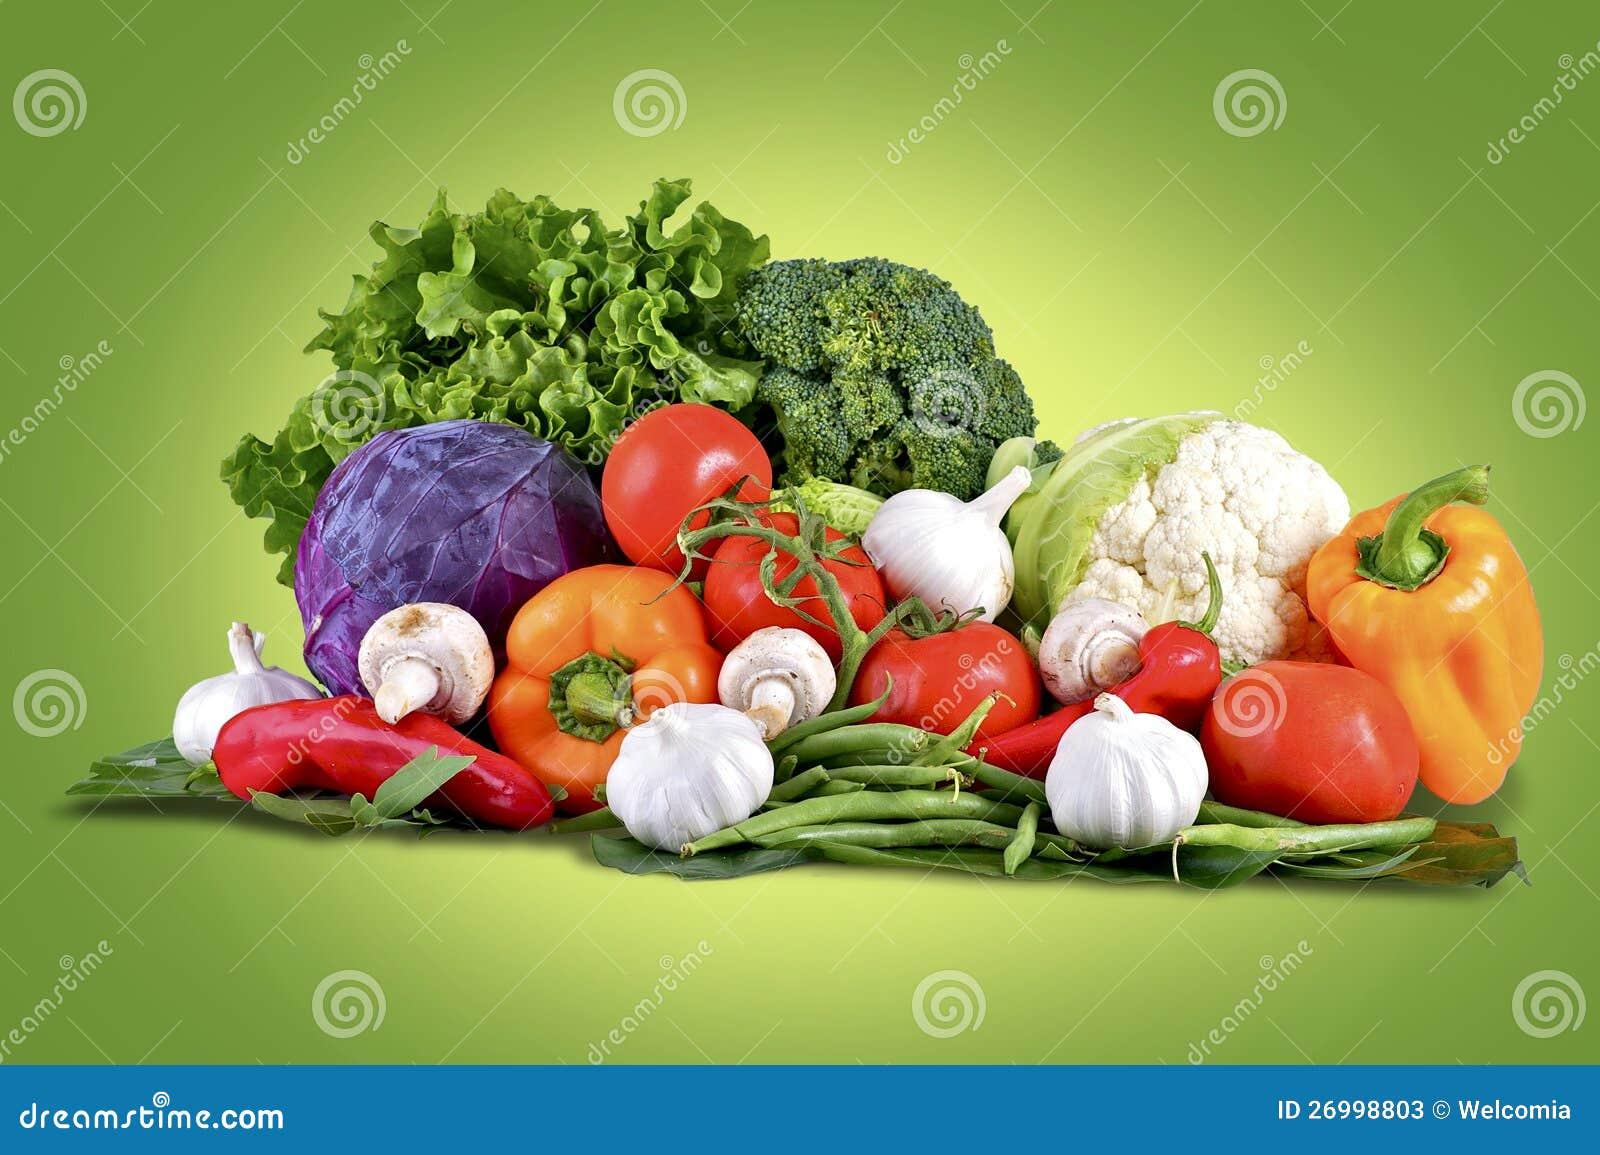 新鲜蔬菜篮子